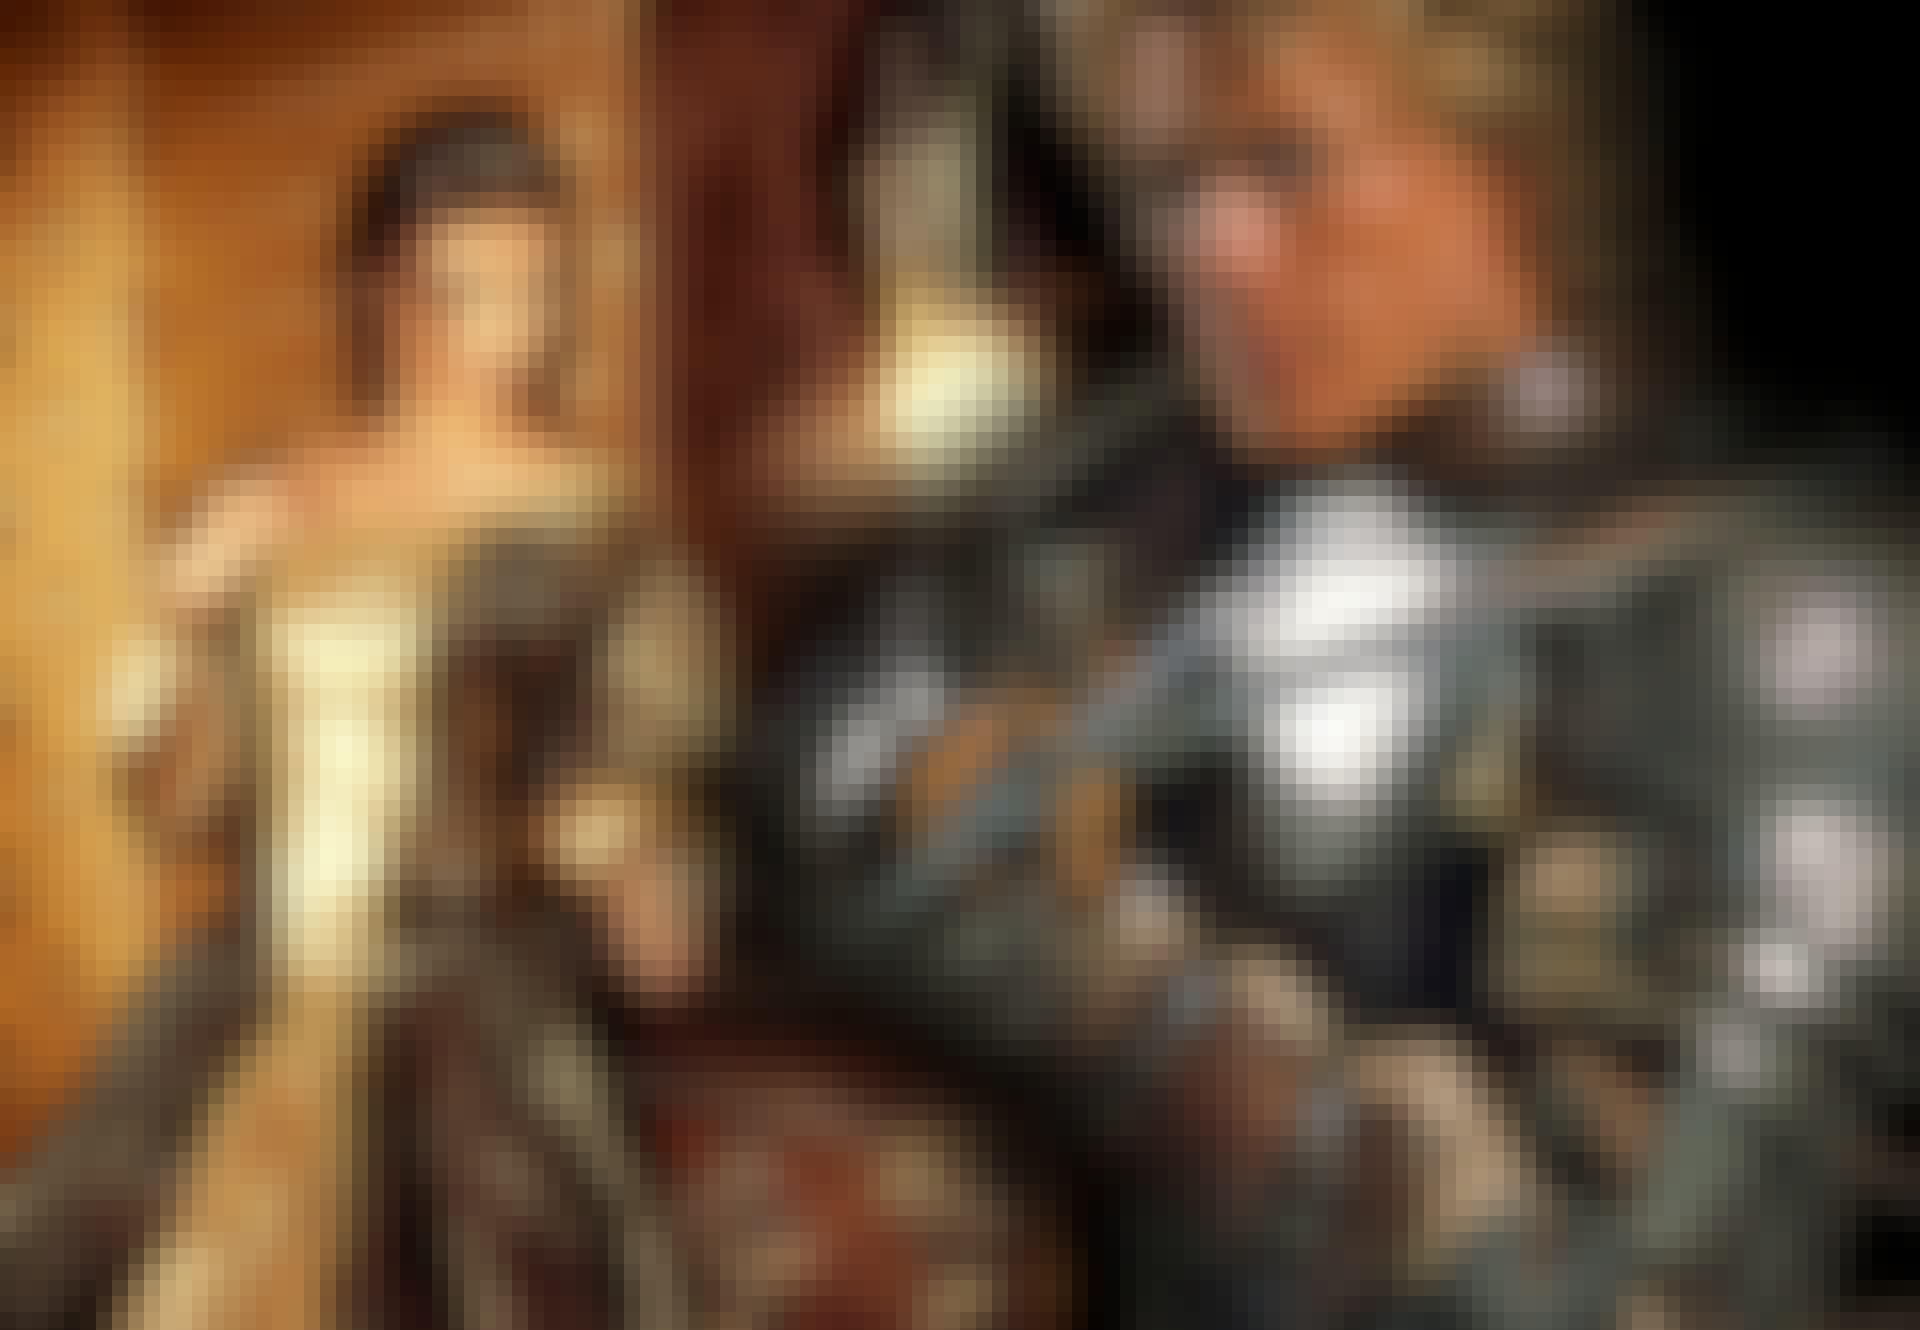 collage af ridder og skømjomfru